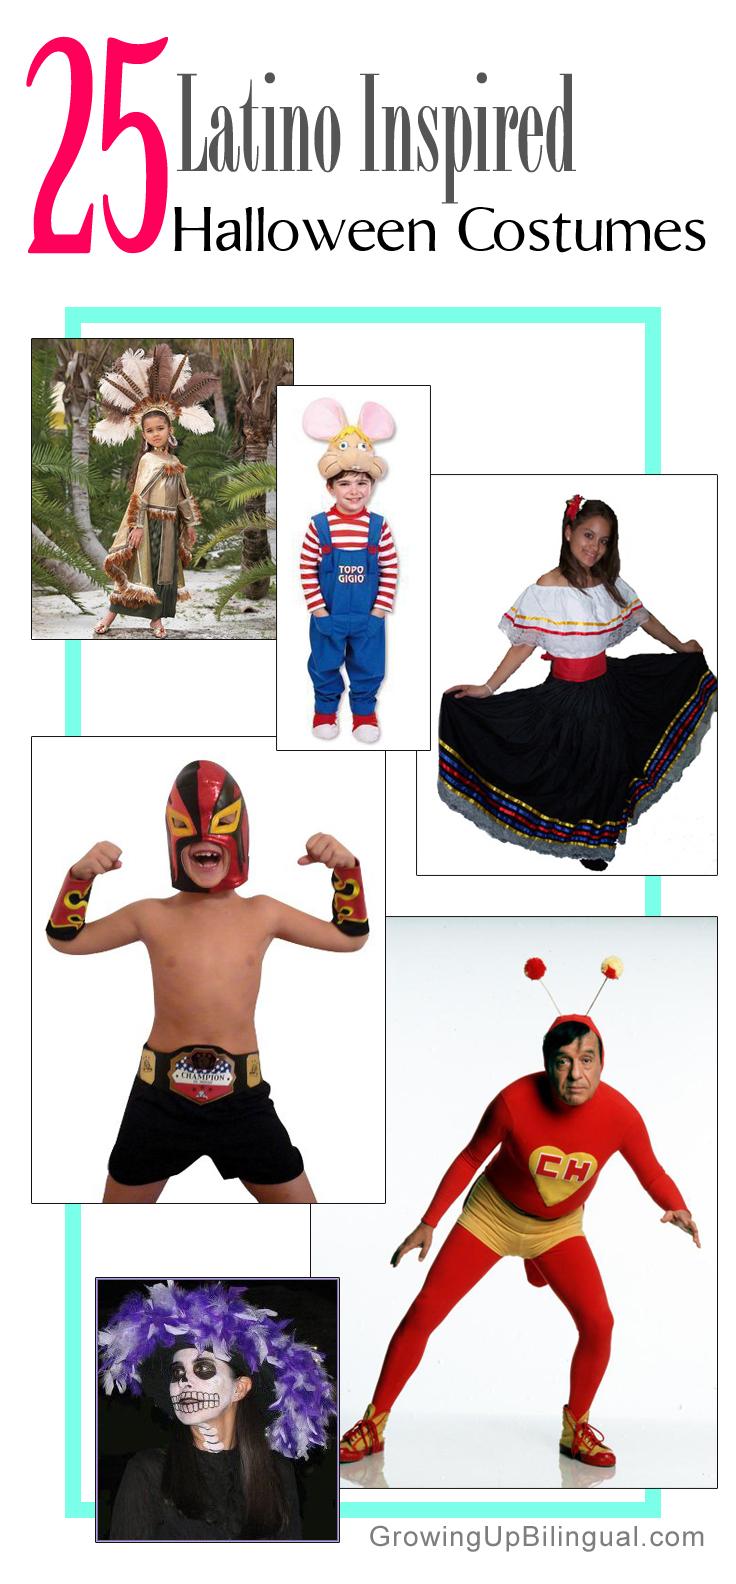 Latino Inspired Halloween costumes